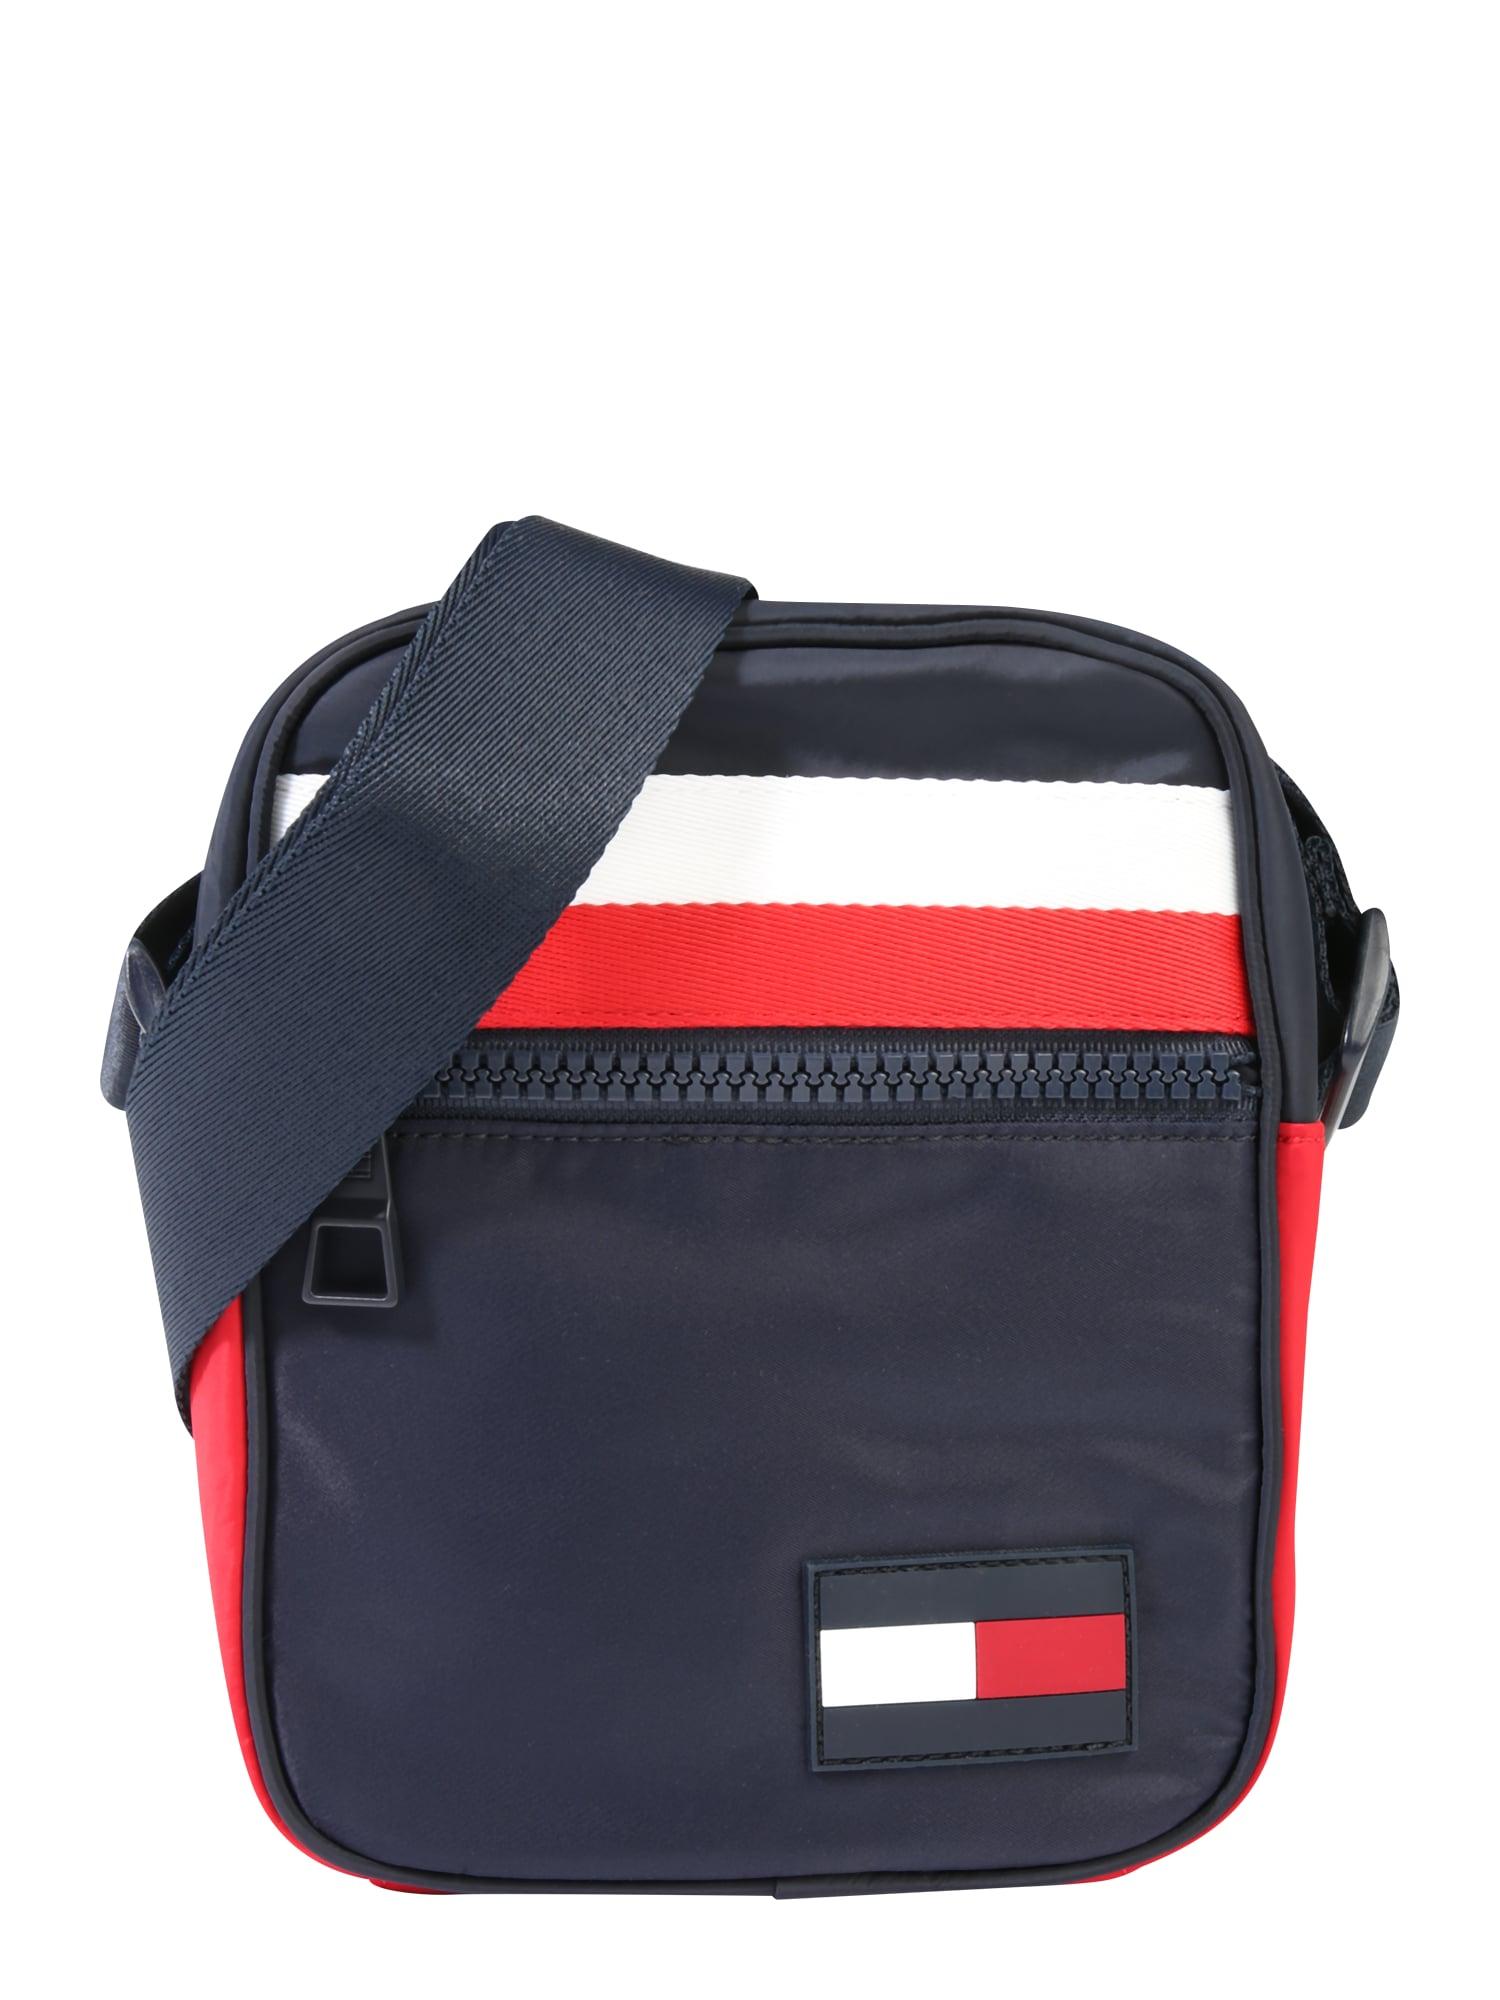 Taška přes rameno Sport Mix Mini Reporter Corp tmavě modrá červená bílá TOMMY HILFIGER